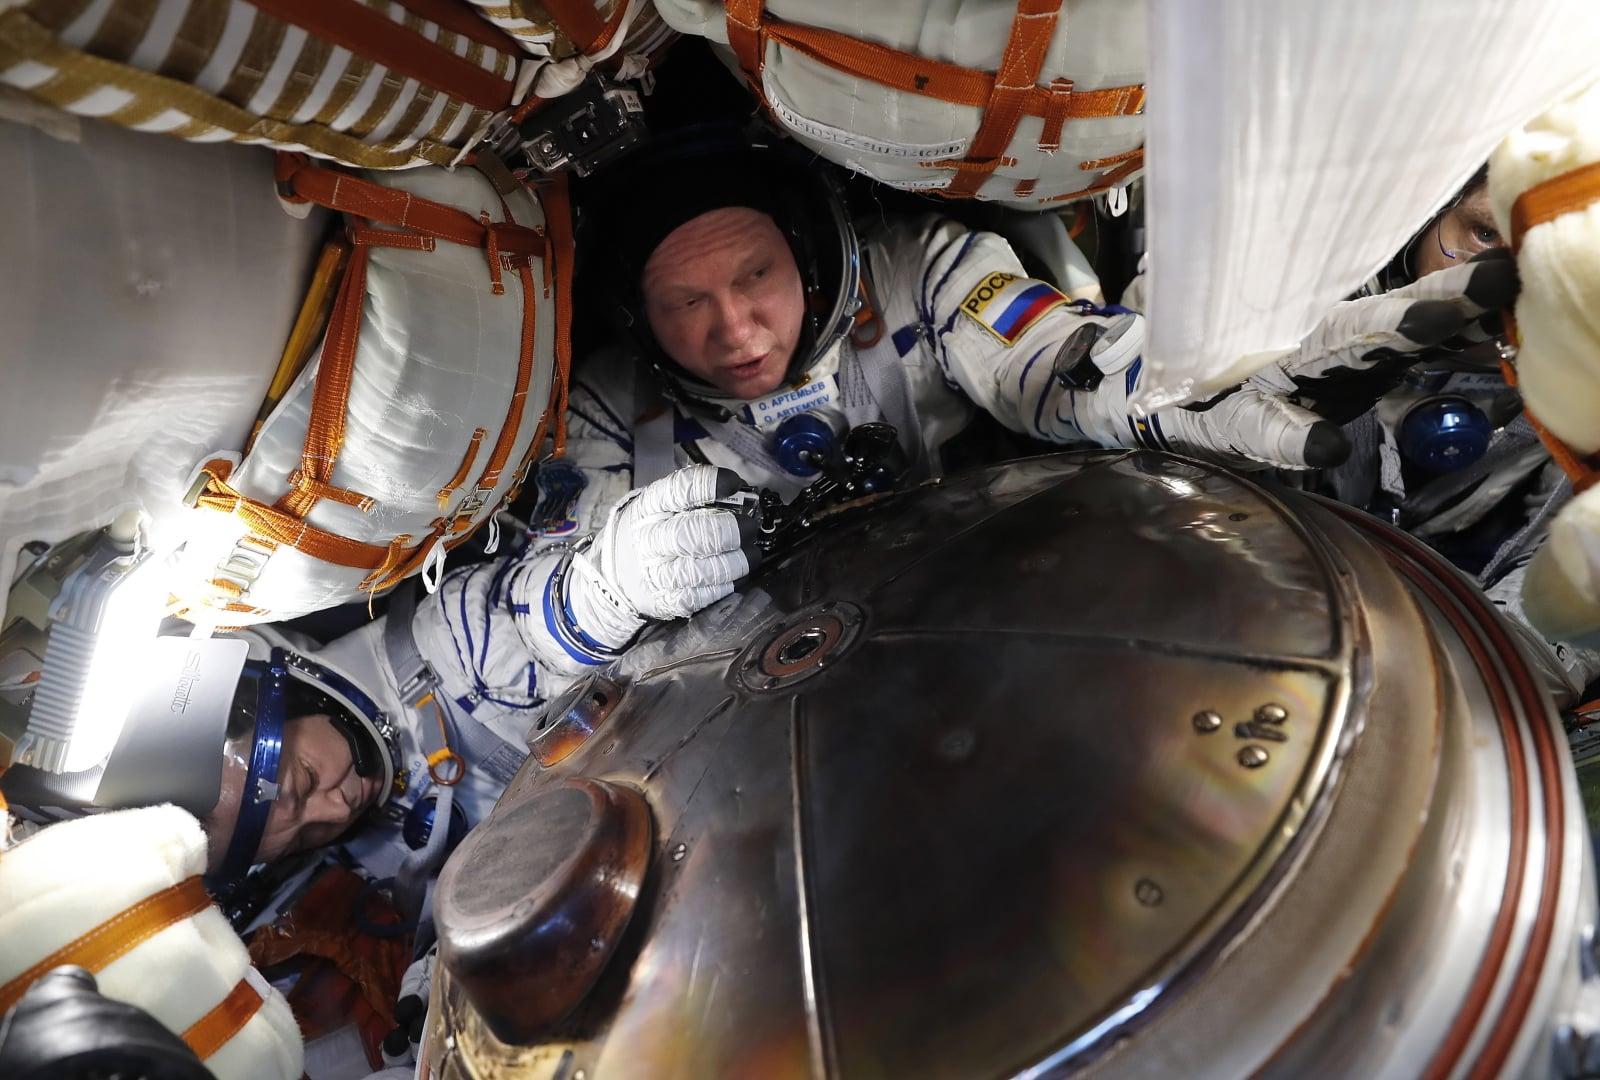 Lądowanie astronautów z Międzynarodowej Stacji Kosmicznej fot. EPA/MAXIM SHIPENKOV/POOL